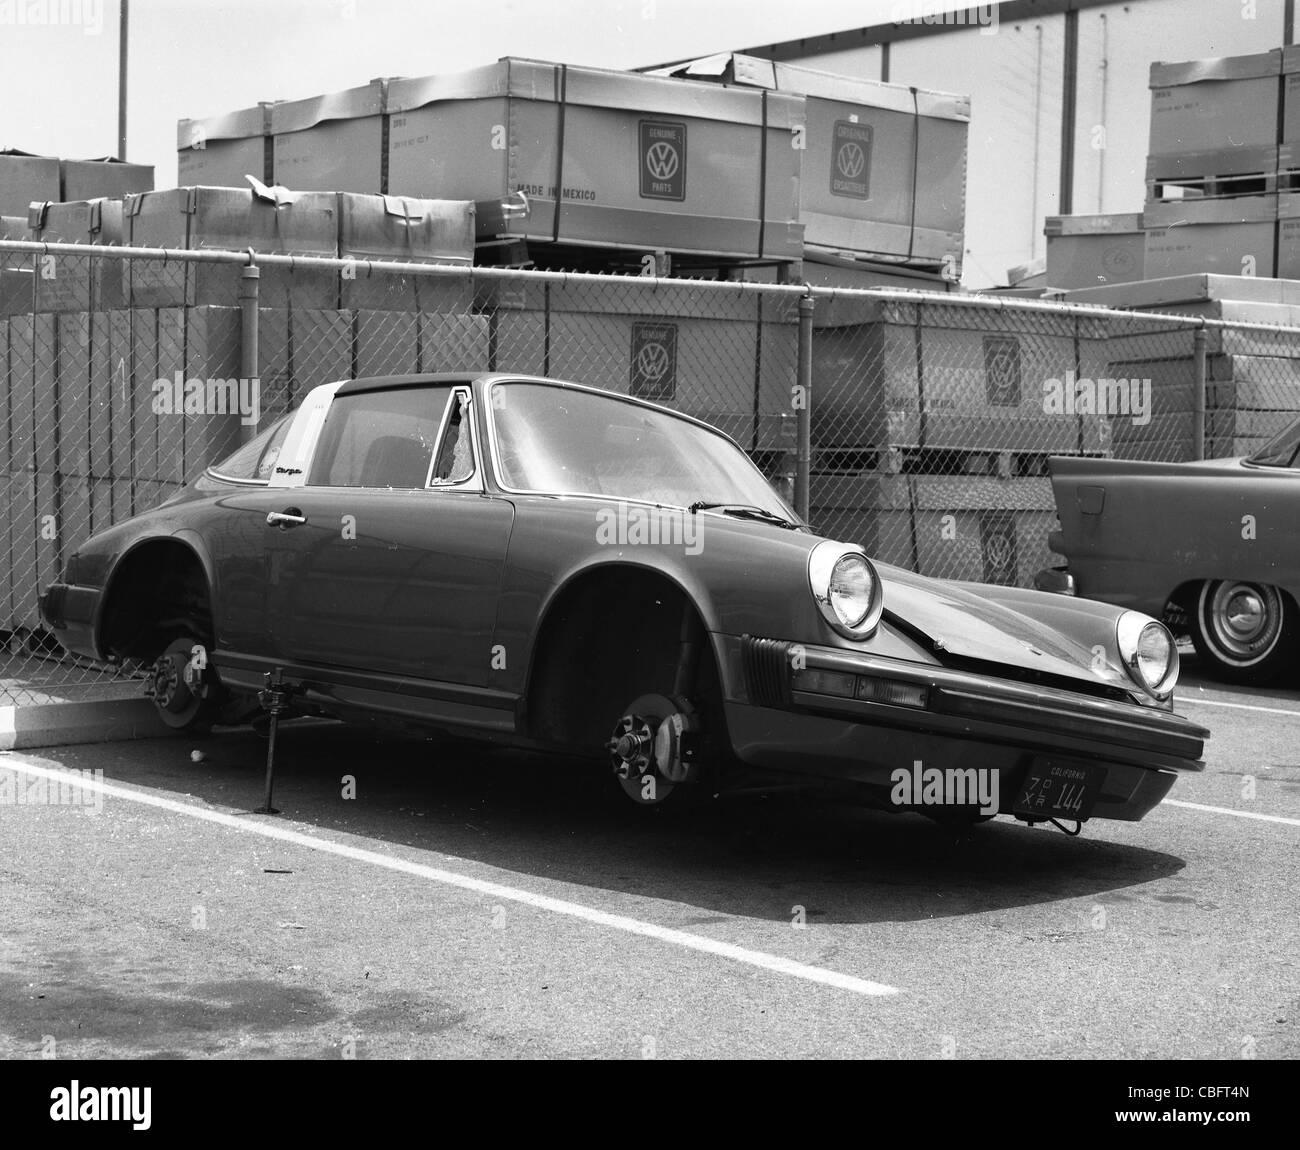 Porsche Carrera 1970er Jahre Modell mit Rädern, die fehlende deutsche Sportwagen geparkt Stockbild